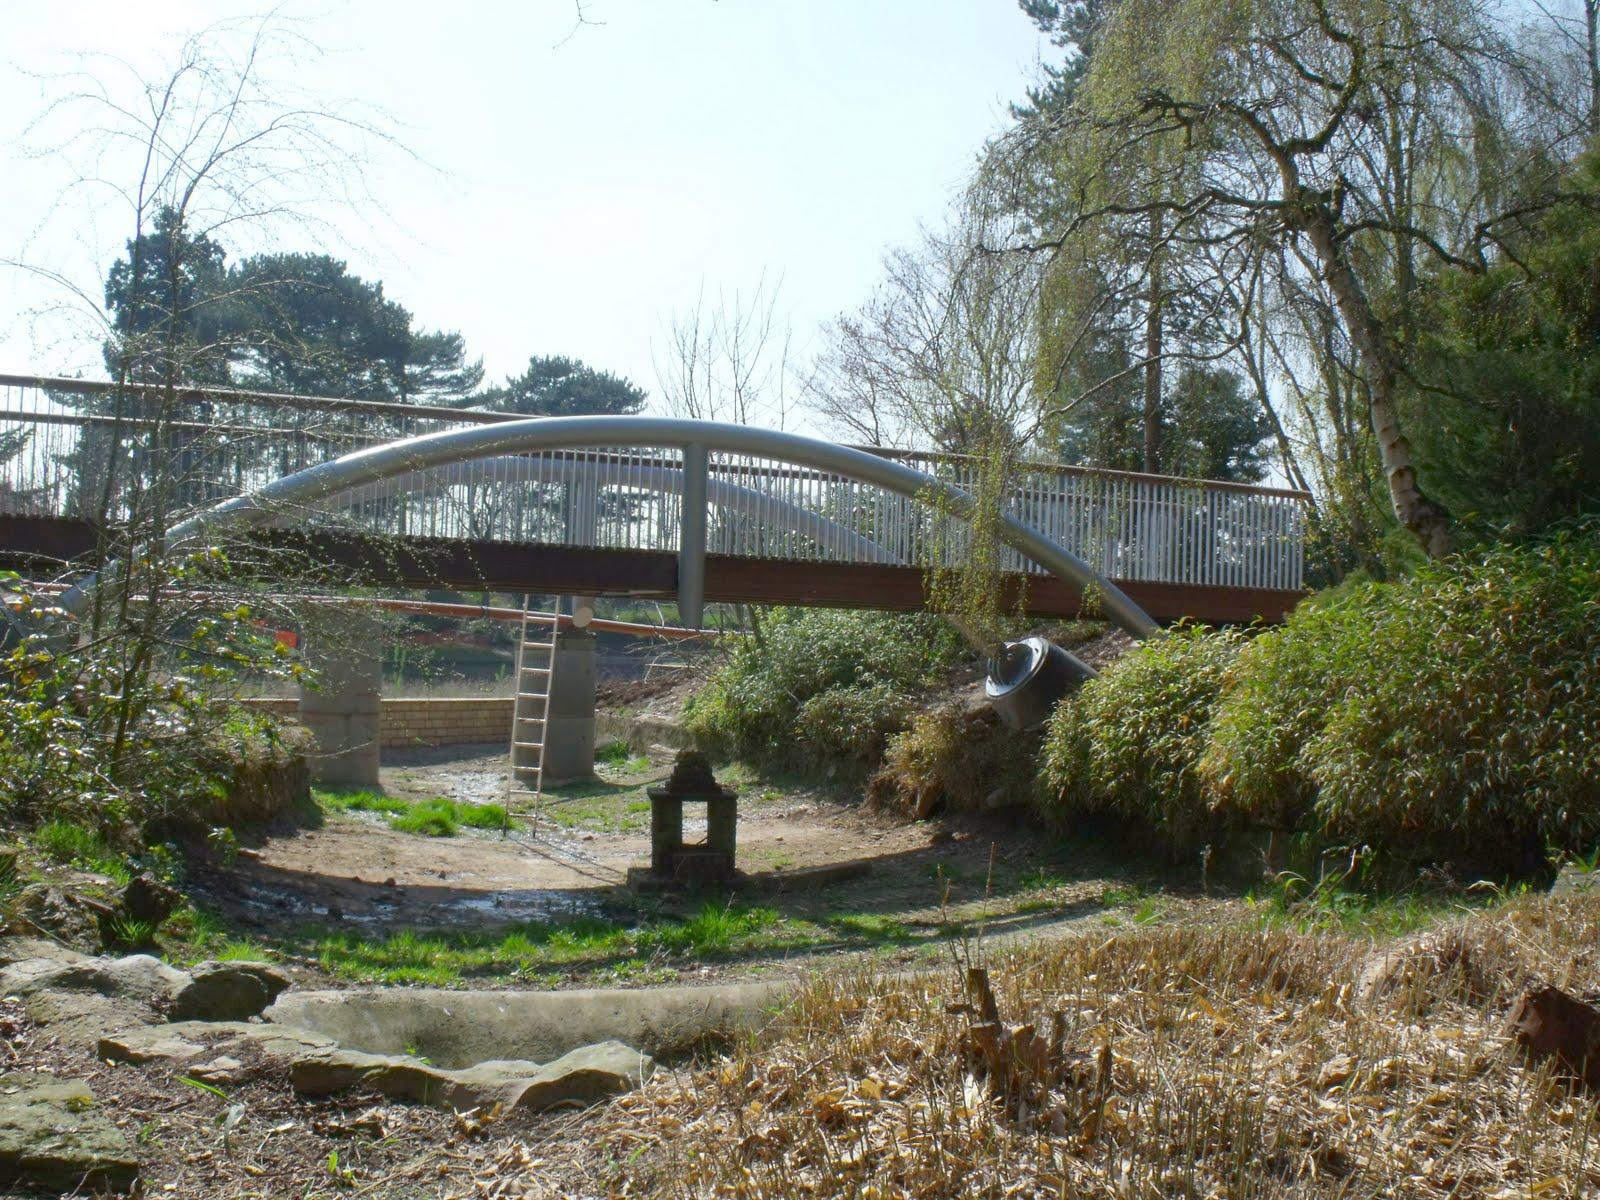 Queens Park Crewe: Queens Park Bridges